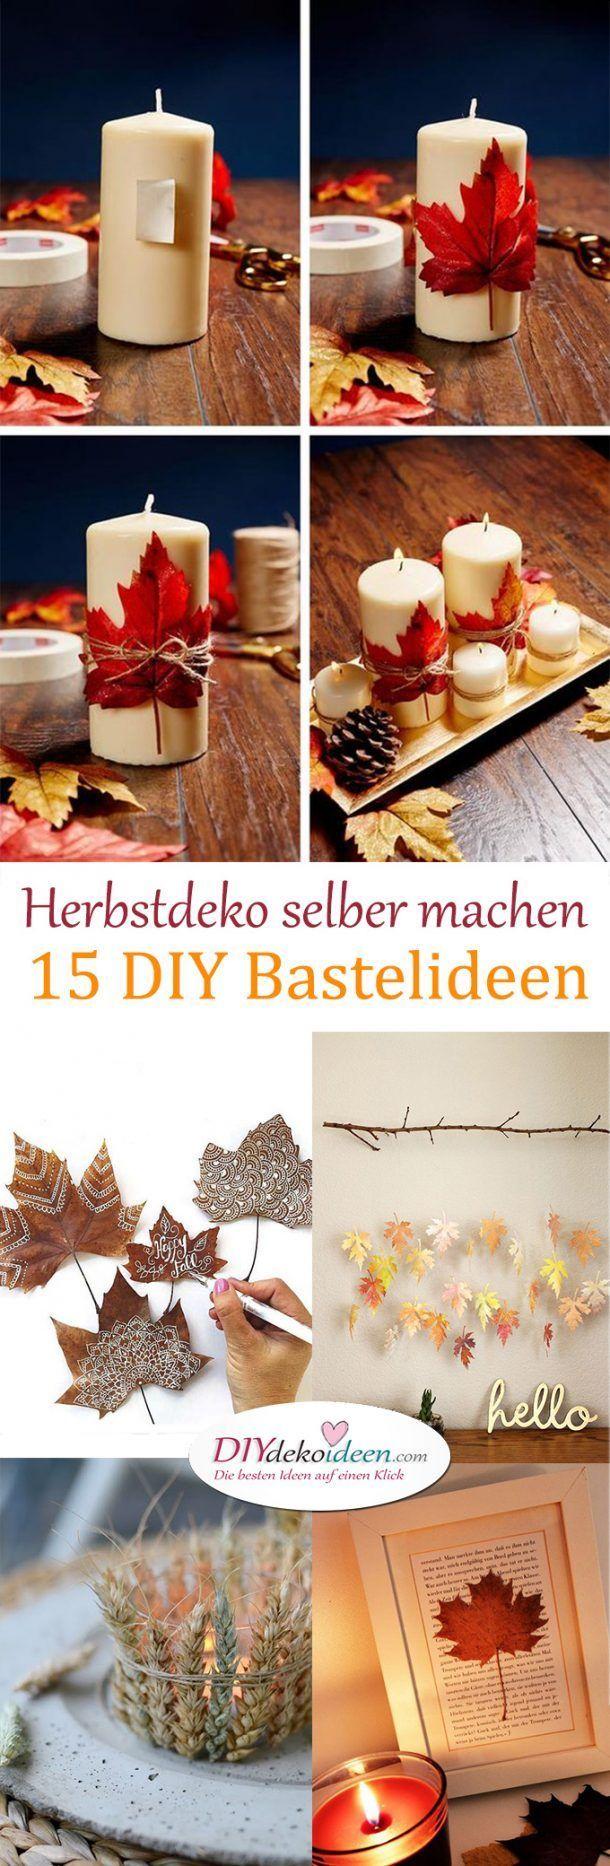 Herbstdeko selber machen - 15 DIY Bastelideen für die dritte Jahreszeit,  #Bastelideen #die #... #falldecorideas